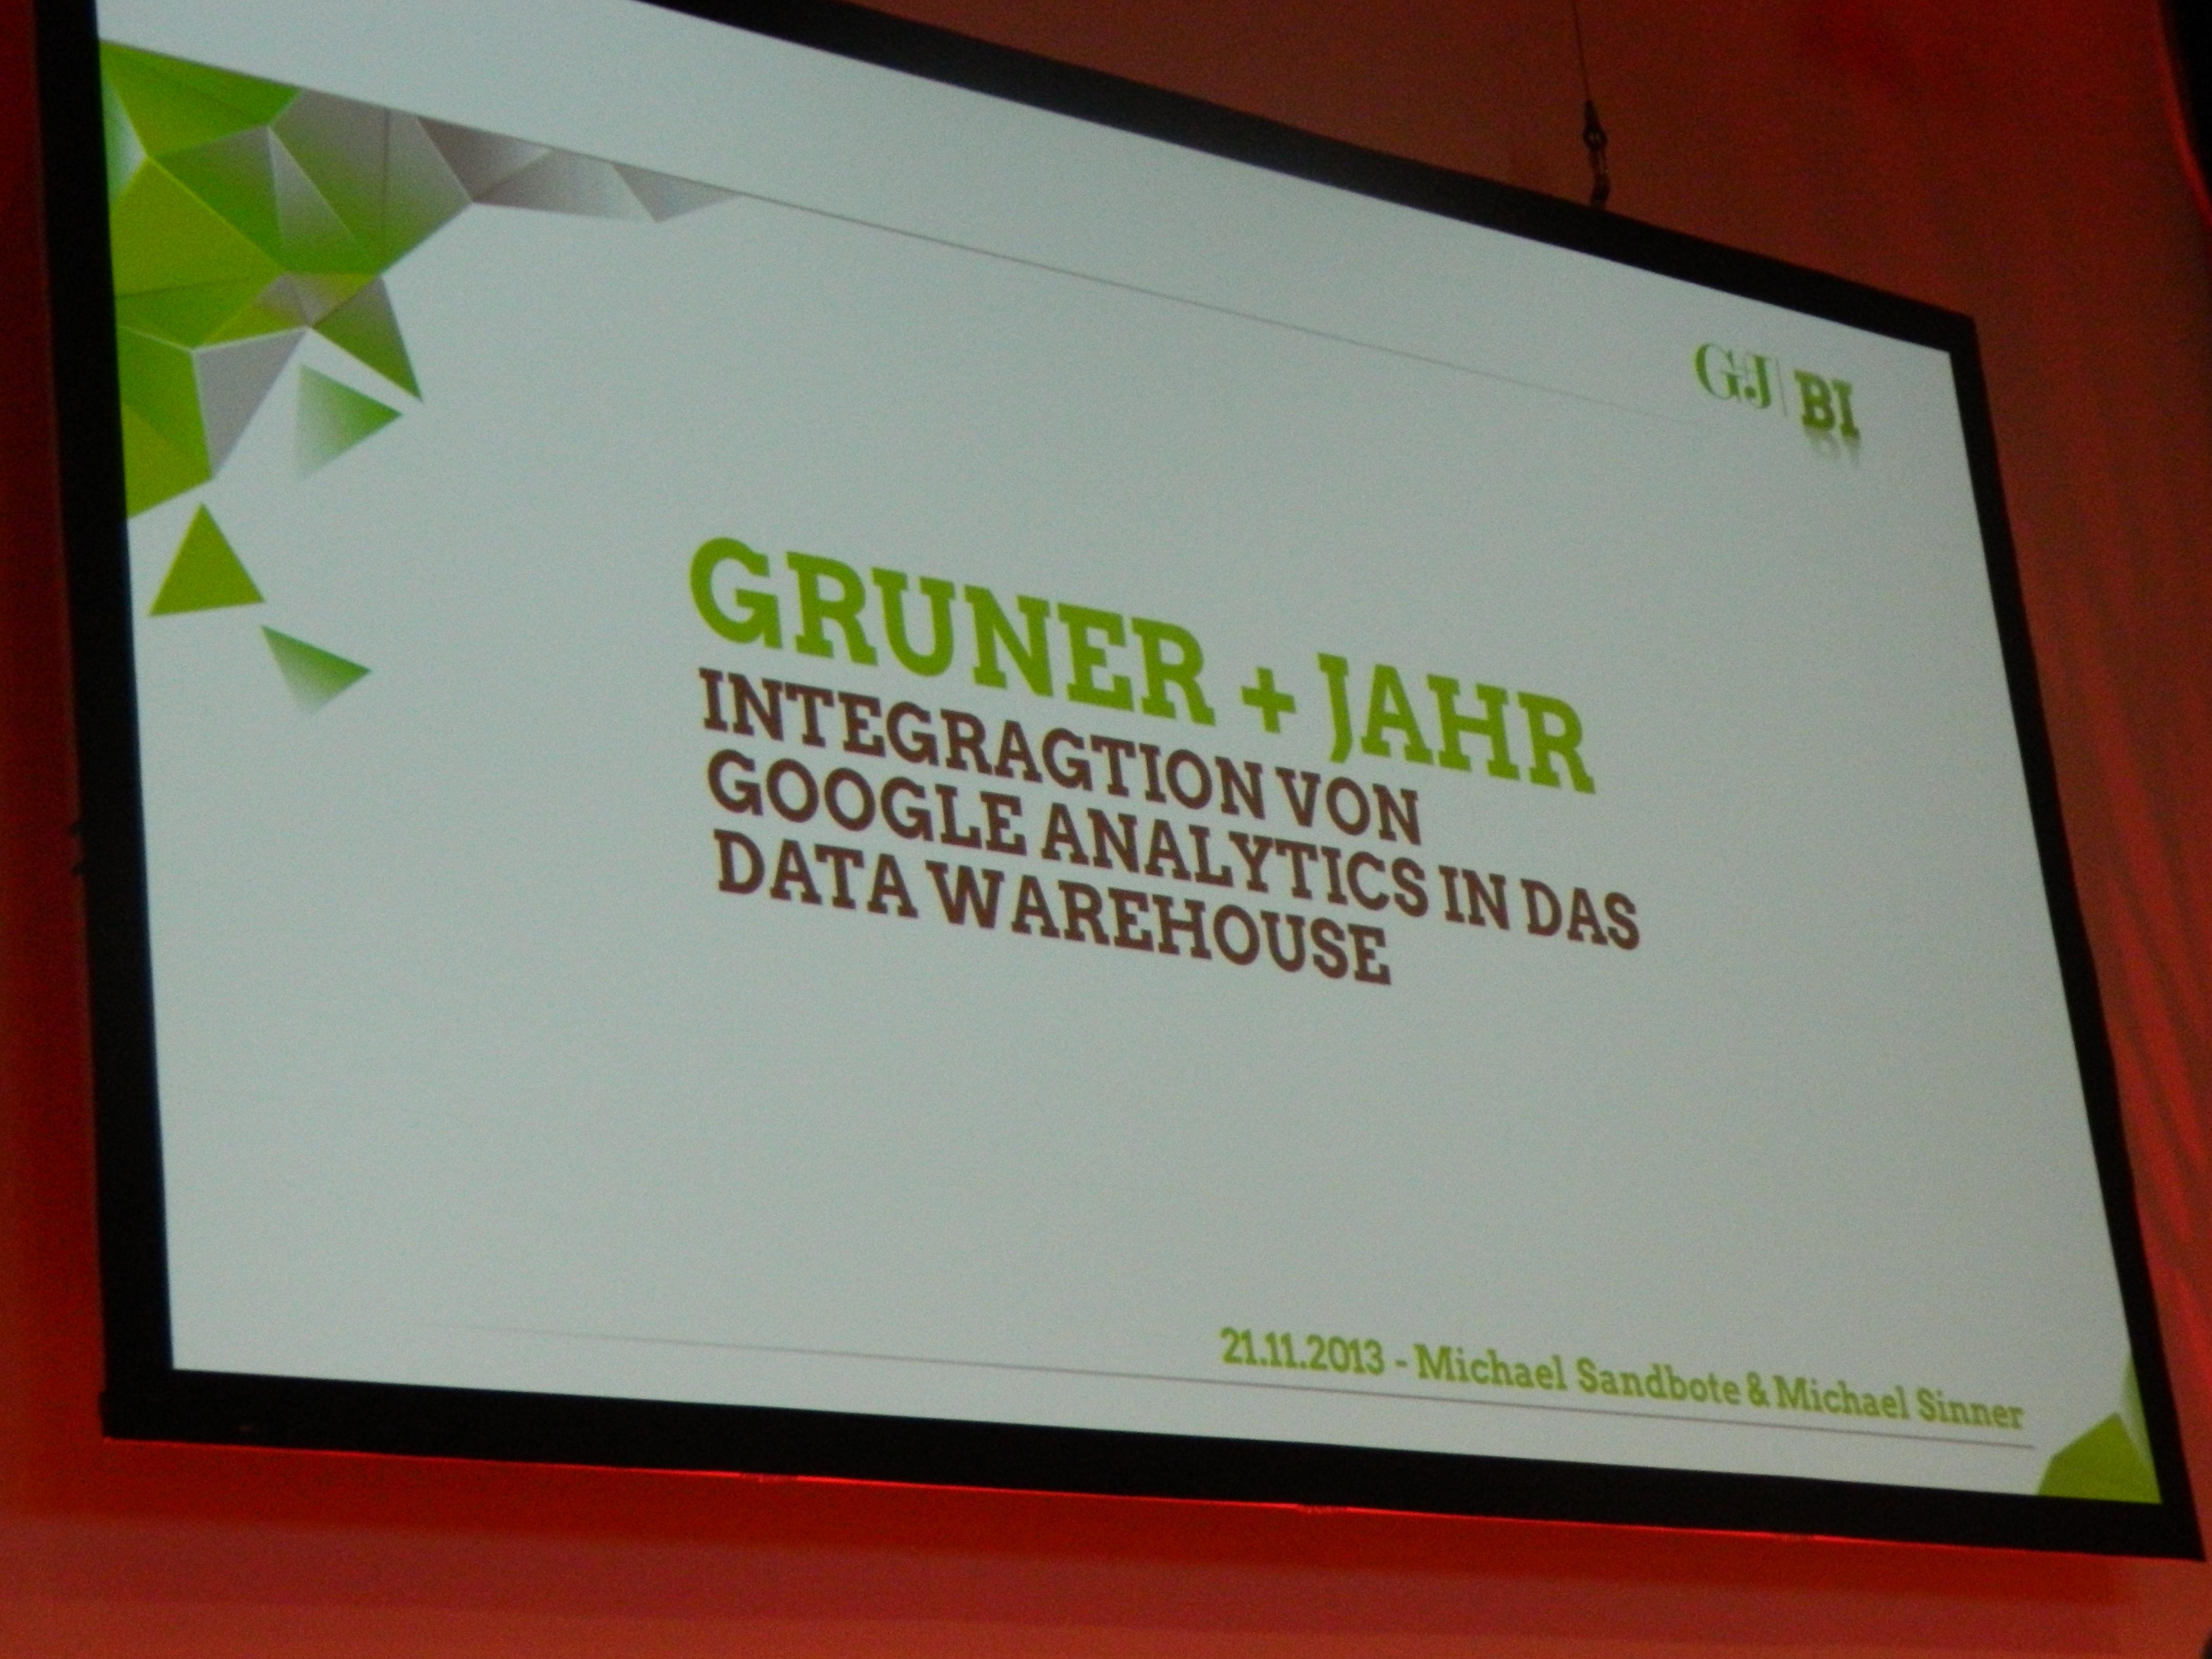 Die Cover Folie des Votrages über das Gruner und Jahr Data Warehouse von Michael Sandbote und Michael Sinner